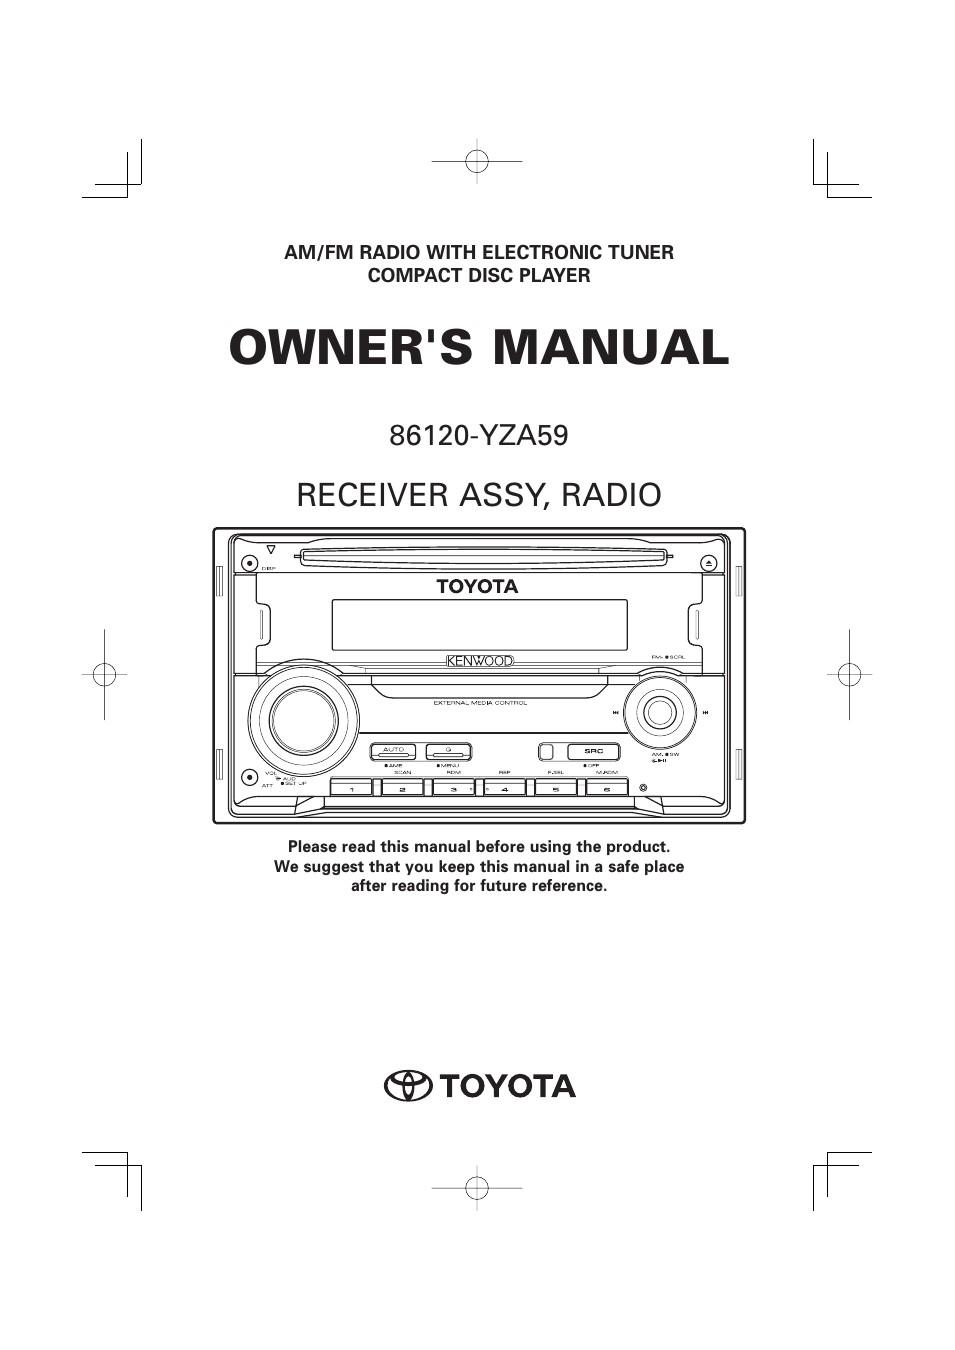 toyota yza59 user manual